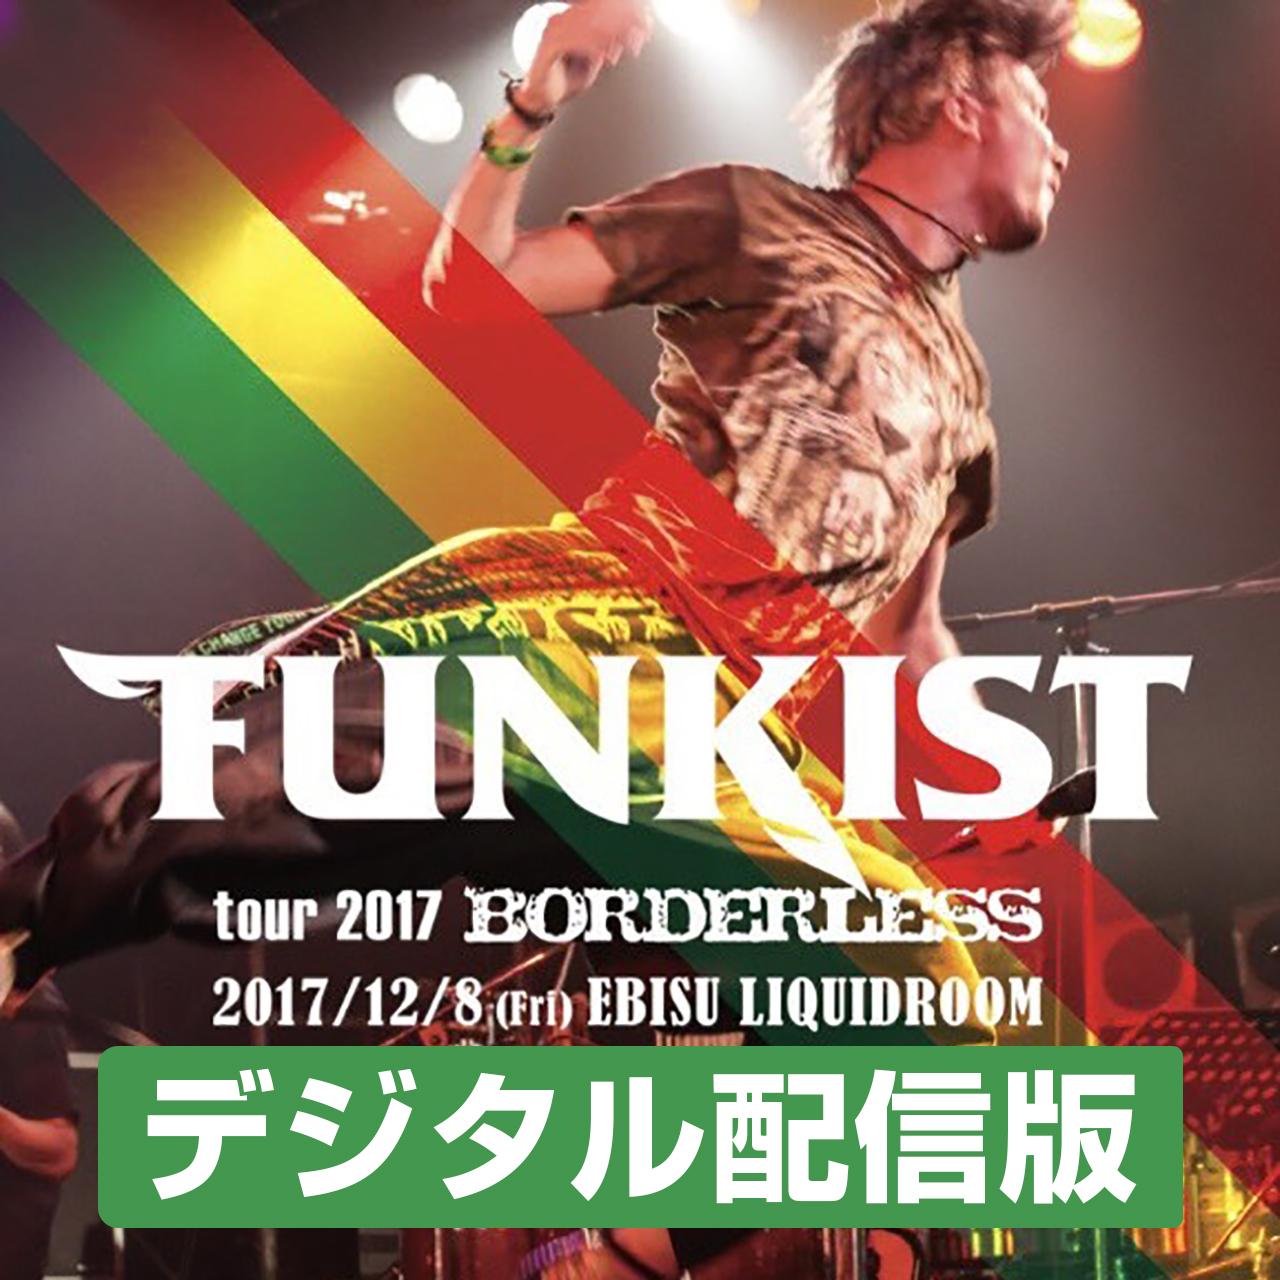 【デジタル配信】FUNKIST tour 2017 『BORDERLESS』 TOUR FINAL EBISU LIQUIDROOM